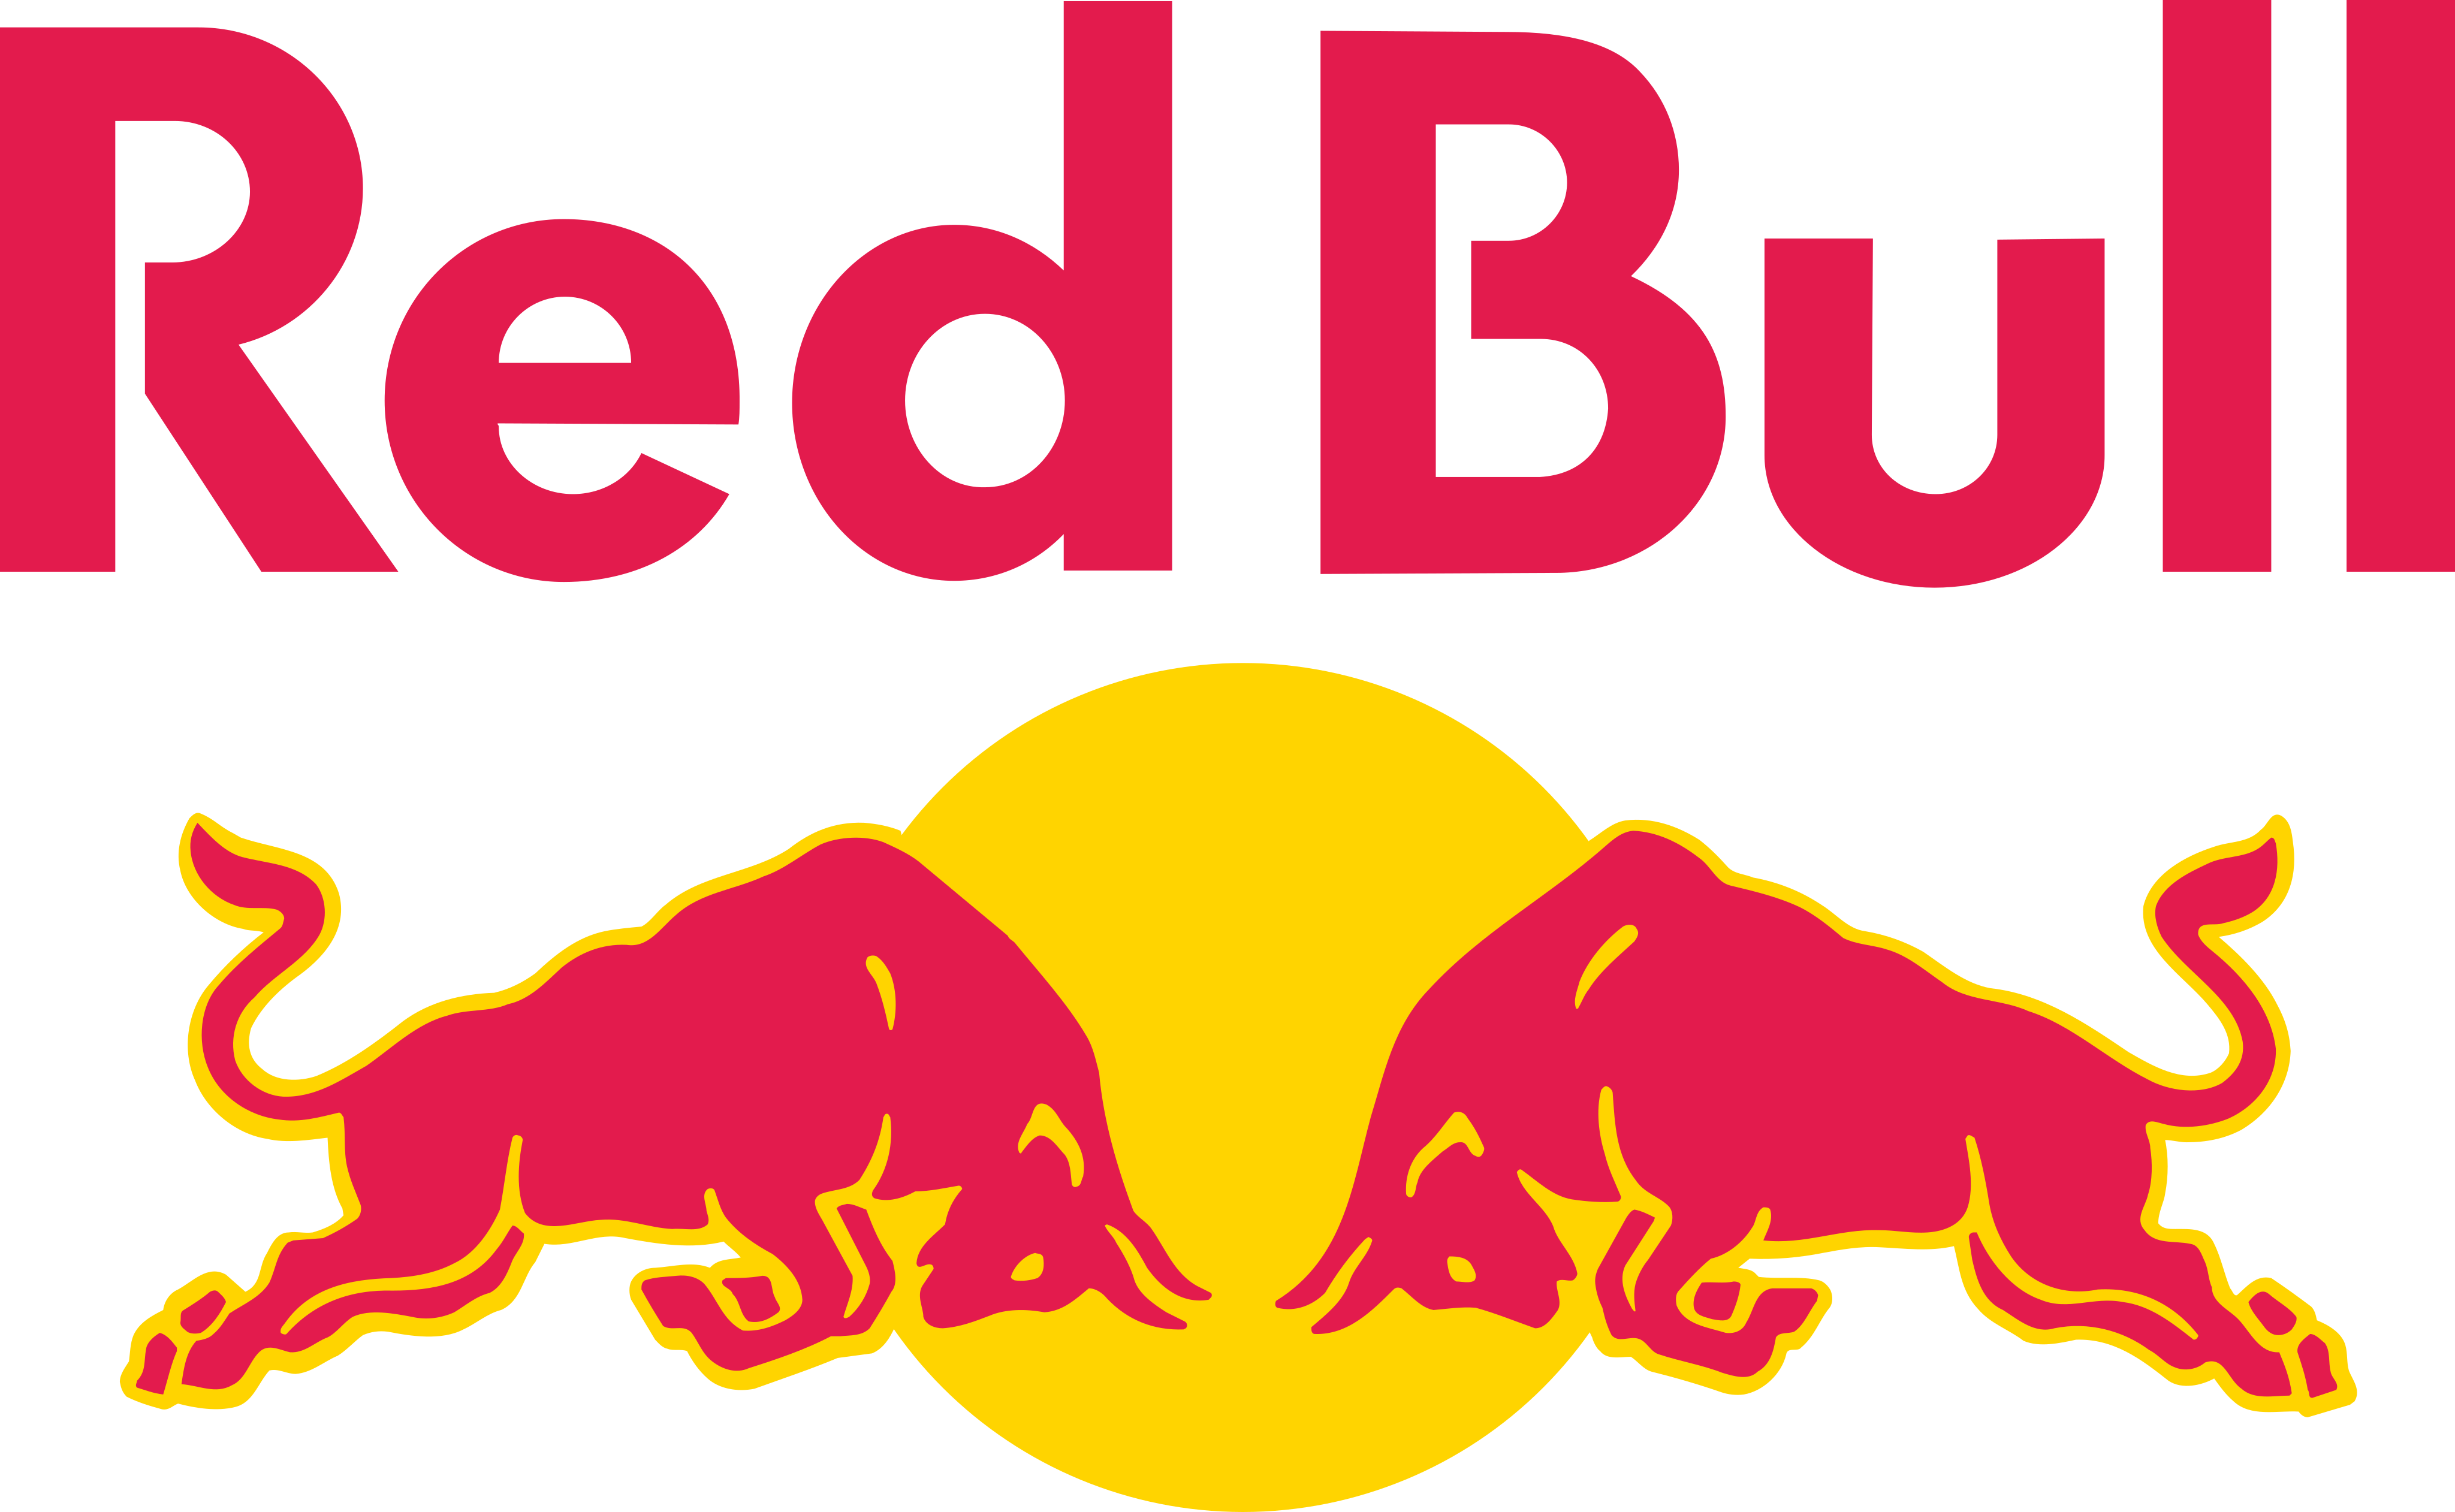 red bull logo 2 1 - Red Bull Logo